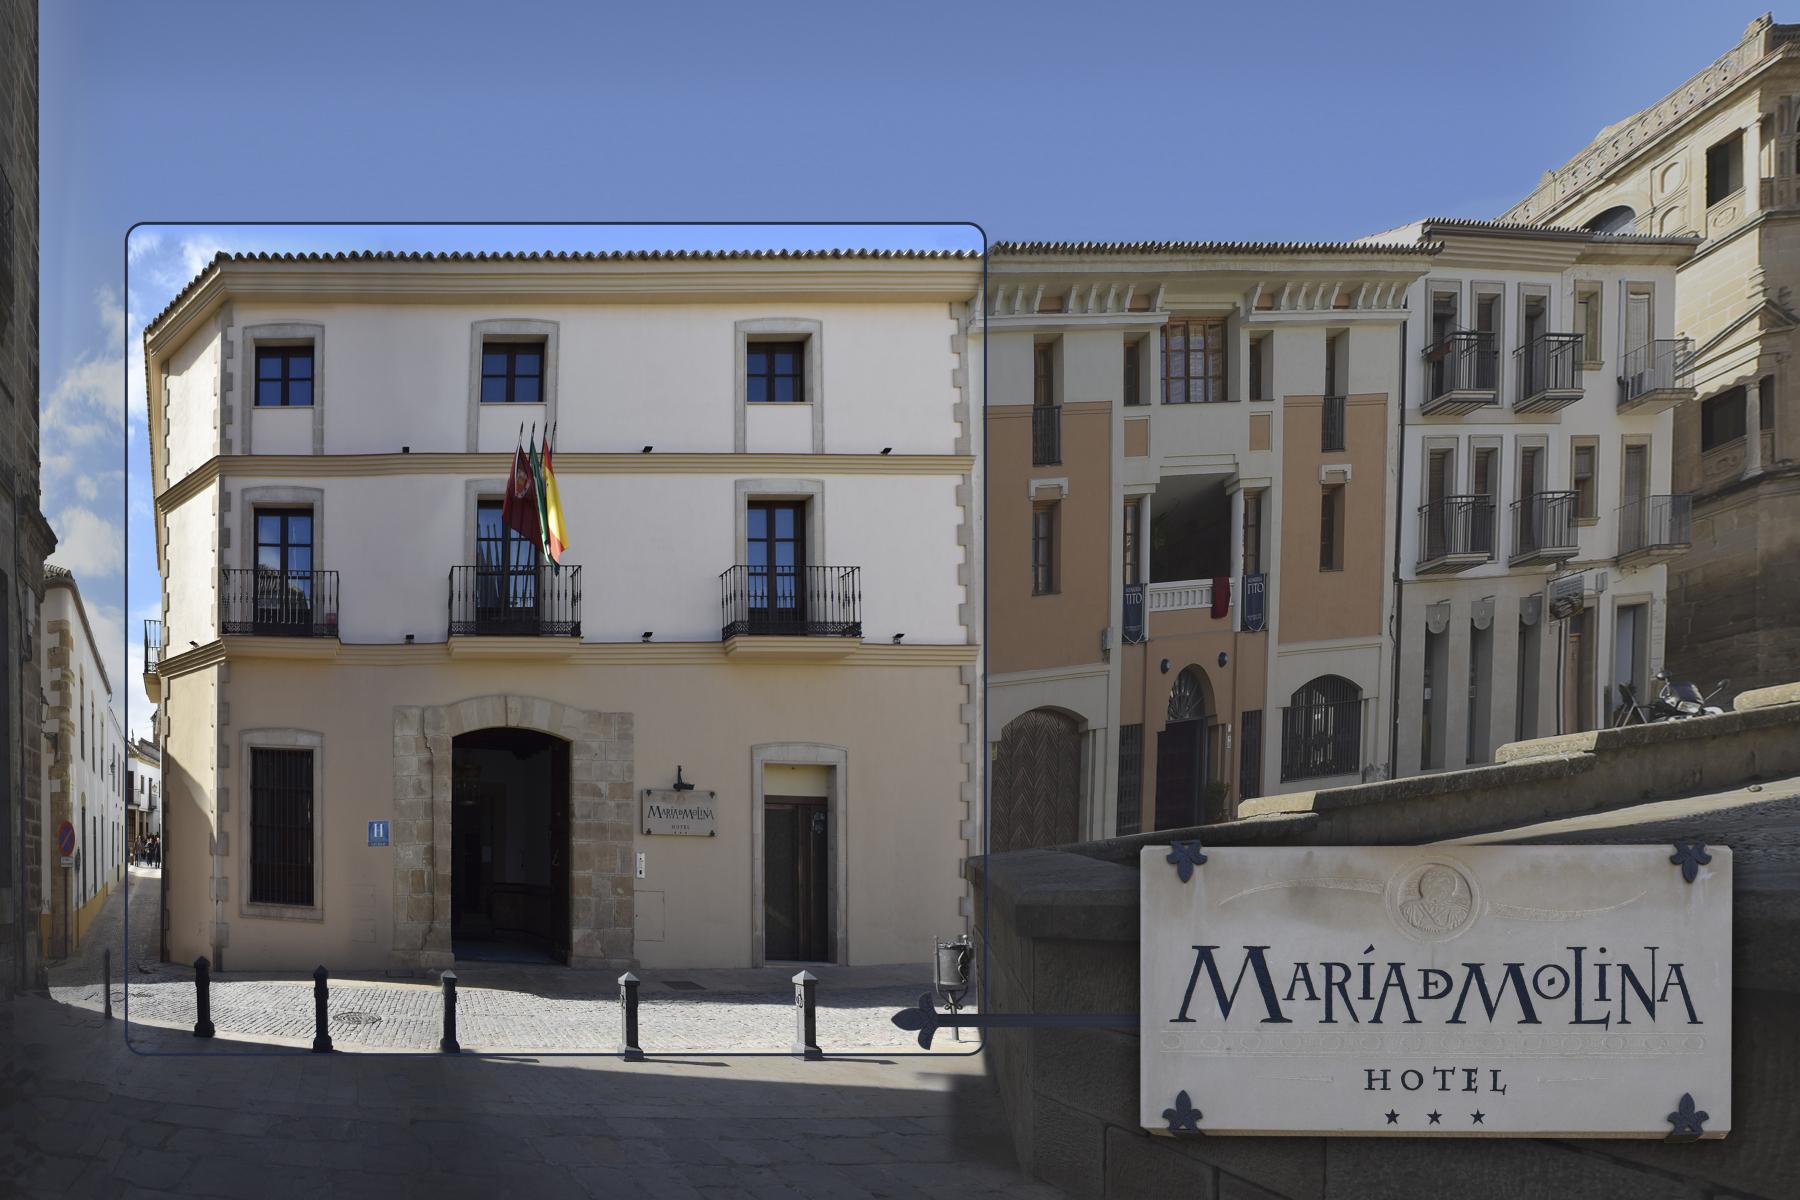 H.-Maria-de-molina-1